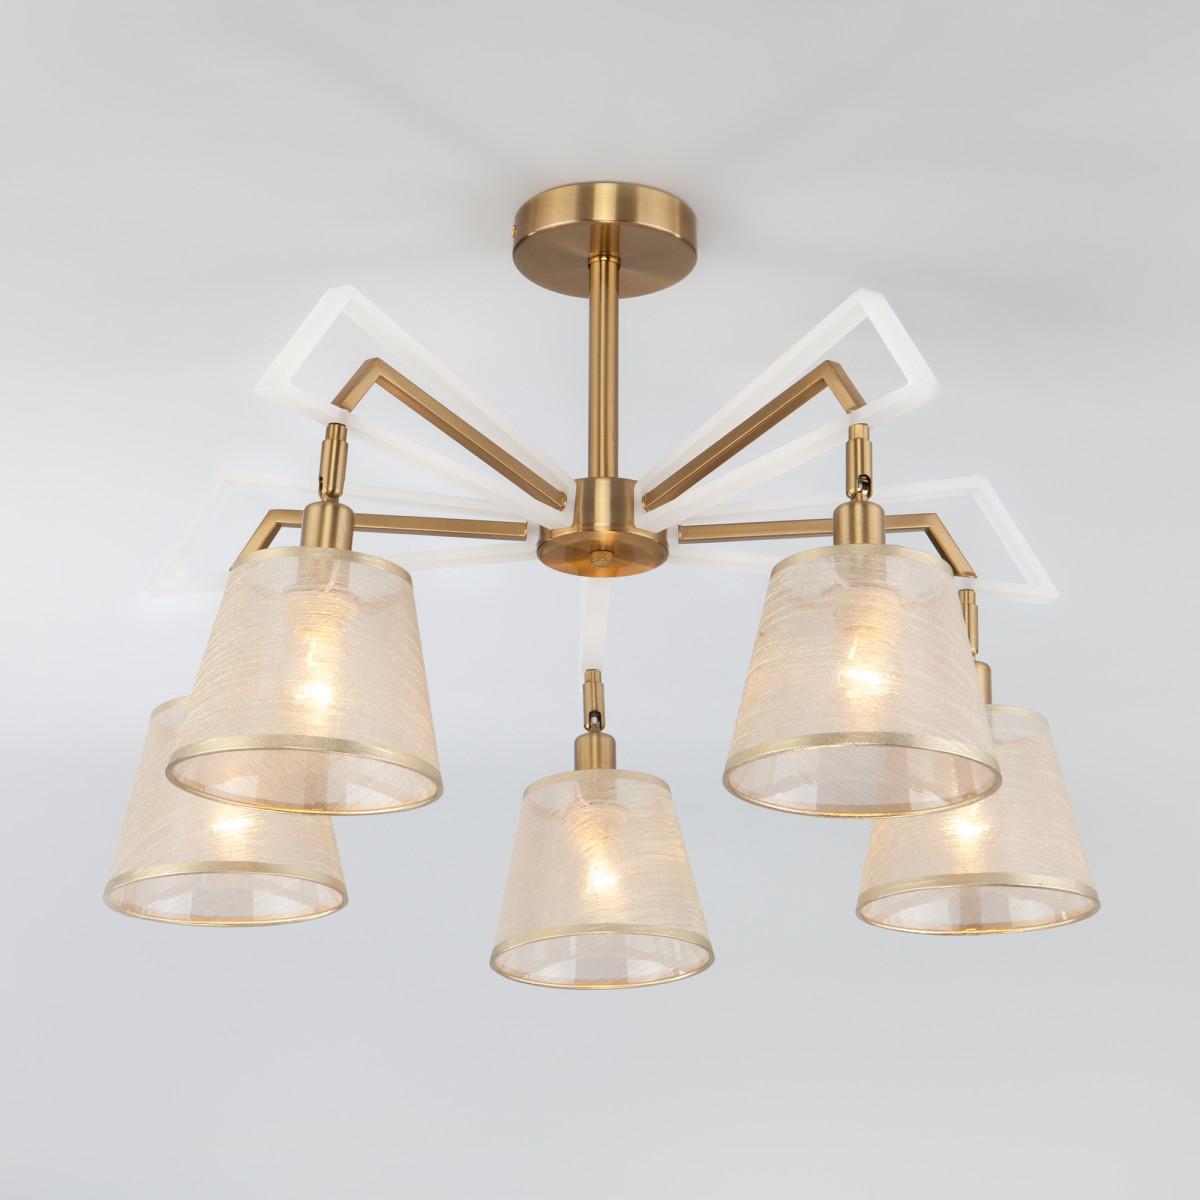 Светильник настенно-потолочный Eurosvet Alicante 60082/5 золотая бронза цвет золотистый